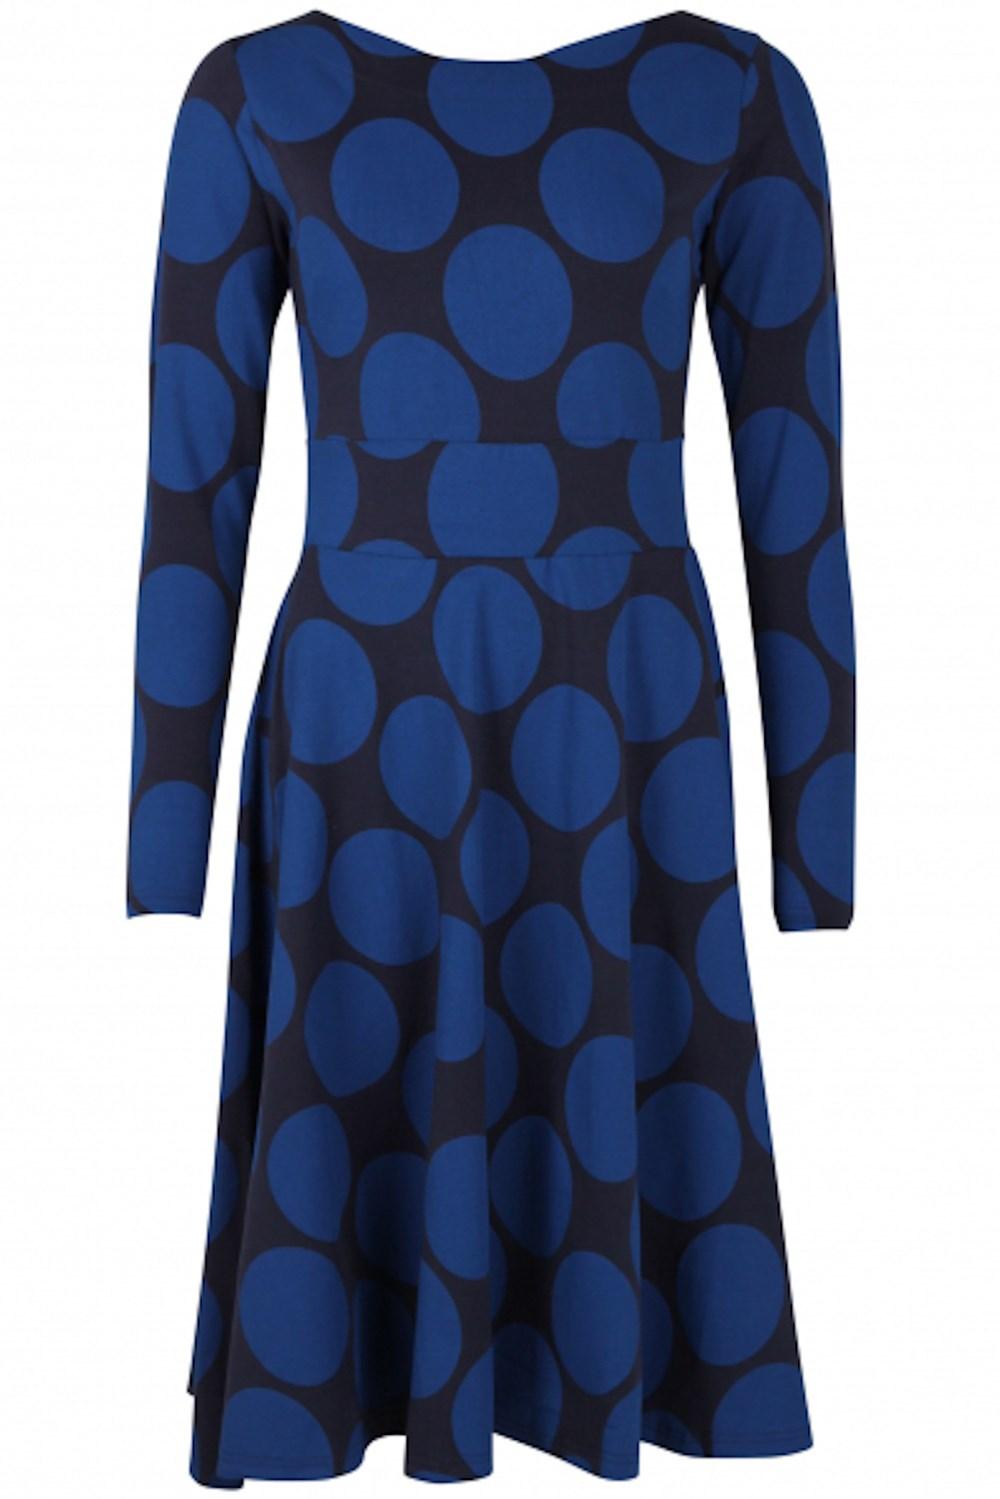 Organic Sigrid klänning navy/indigo